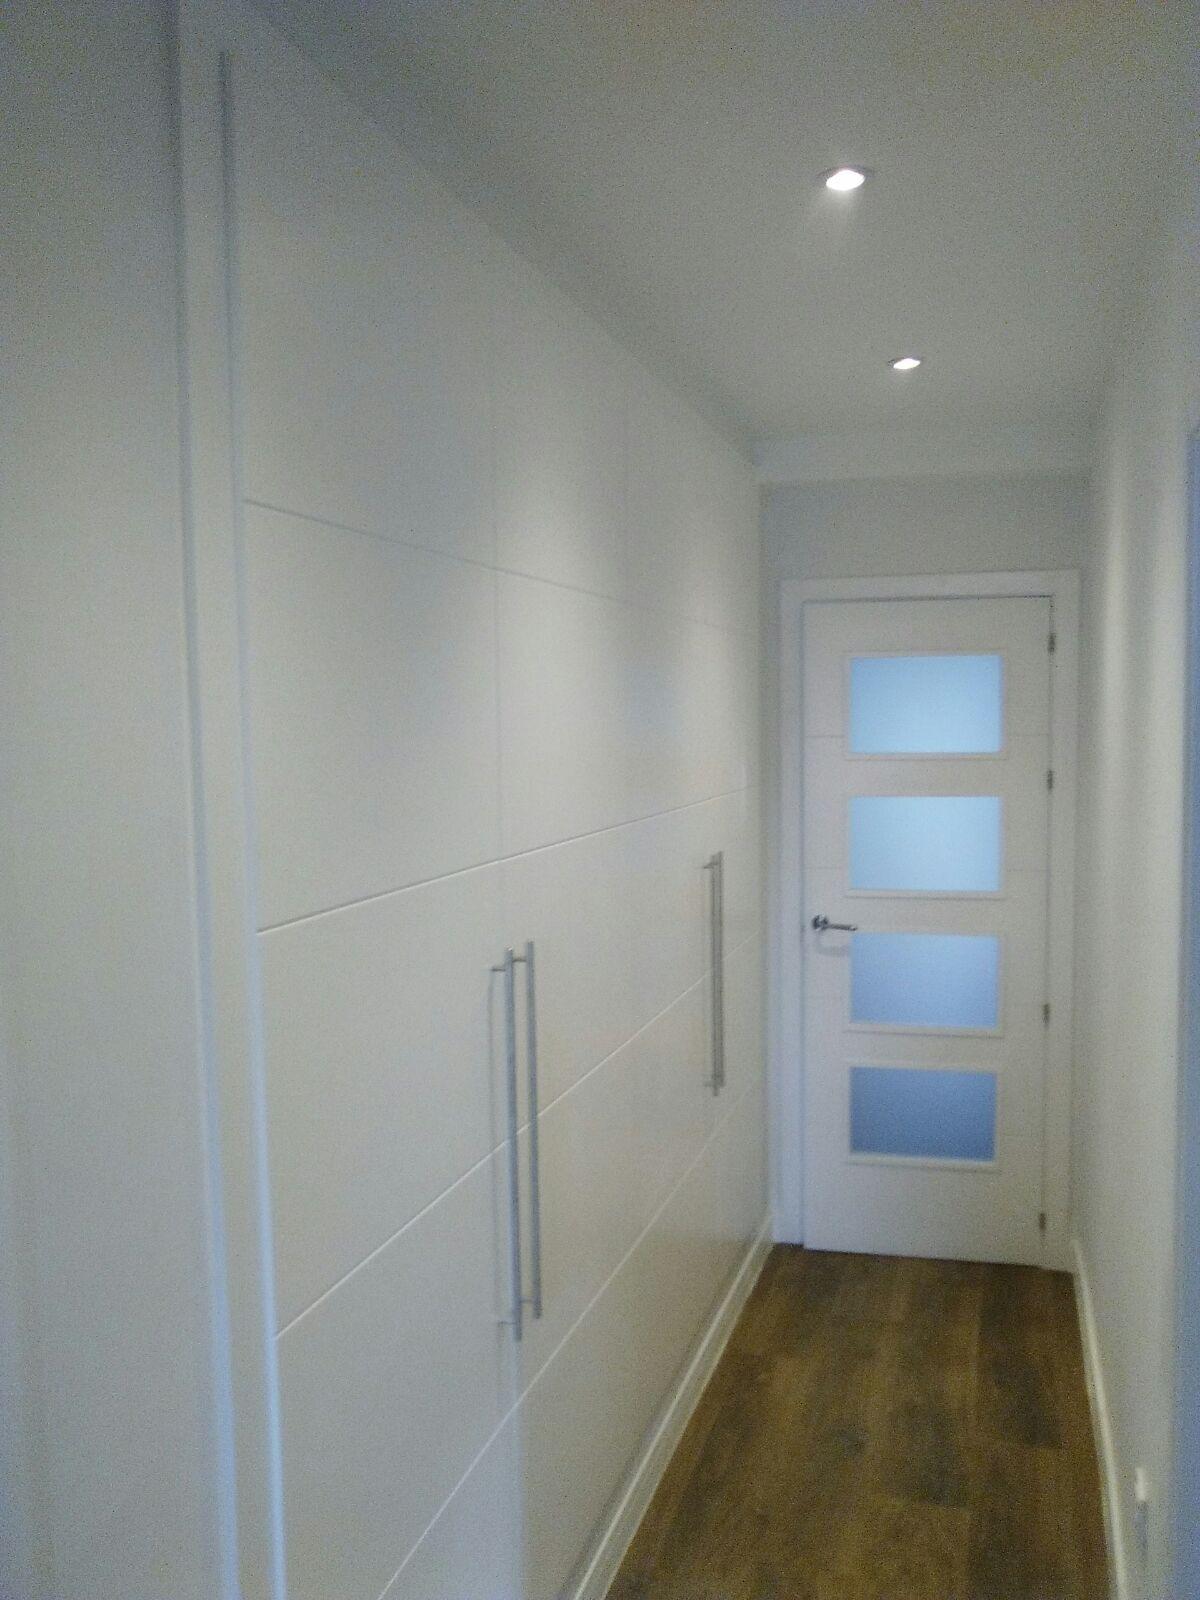 Frente de armario lacados en blanco armarios de puertas abatibles pinterest - Armarios empotrados para entradas ...